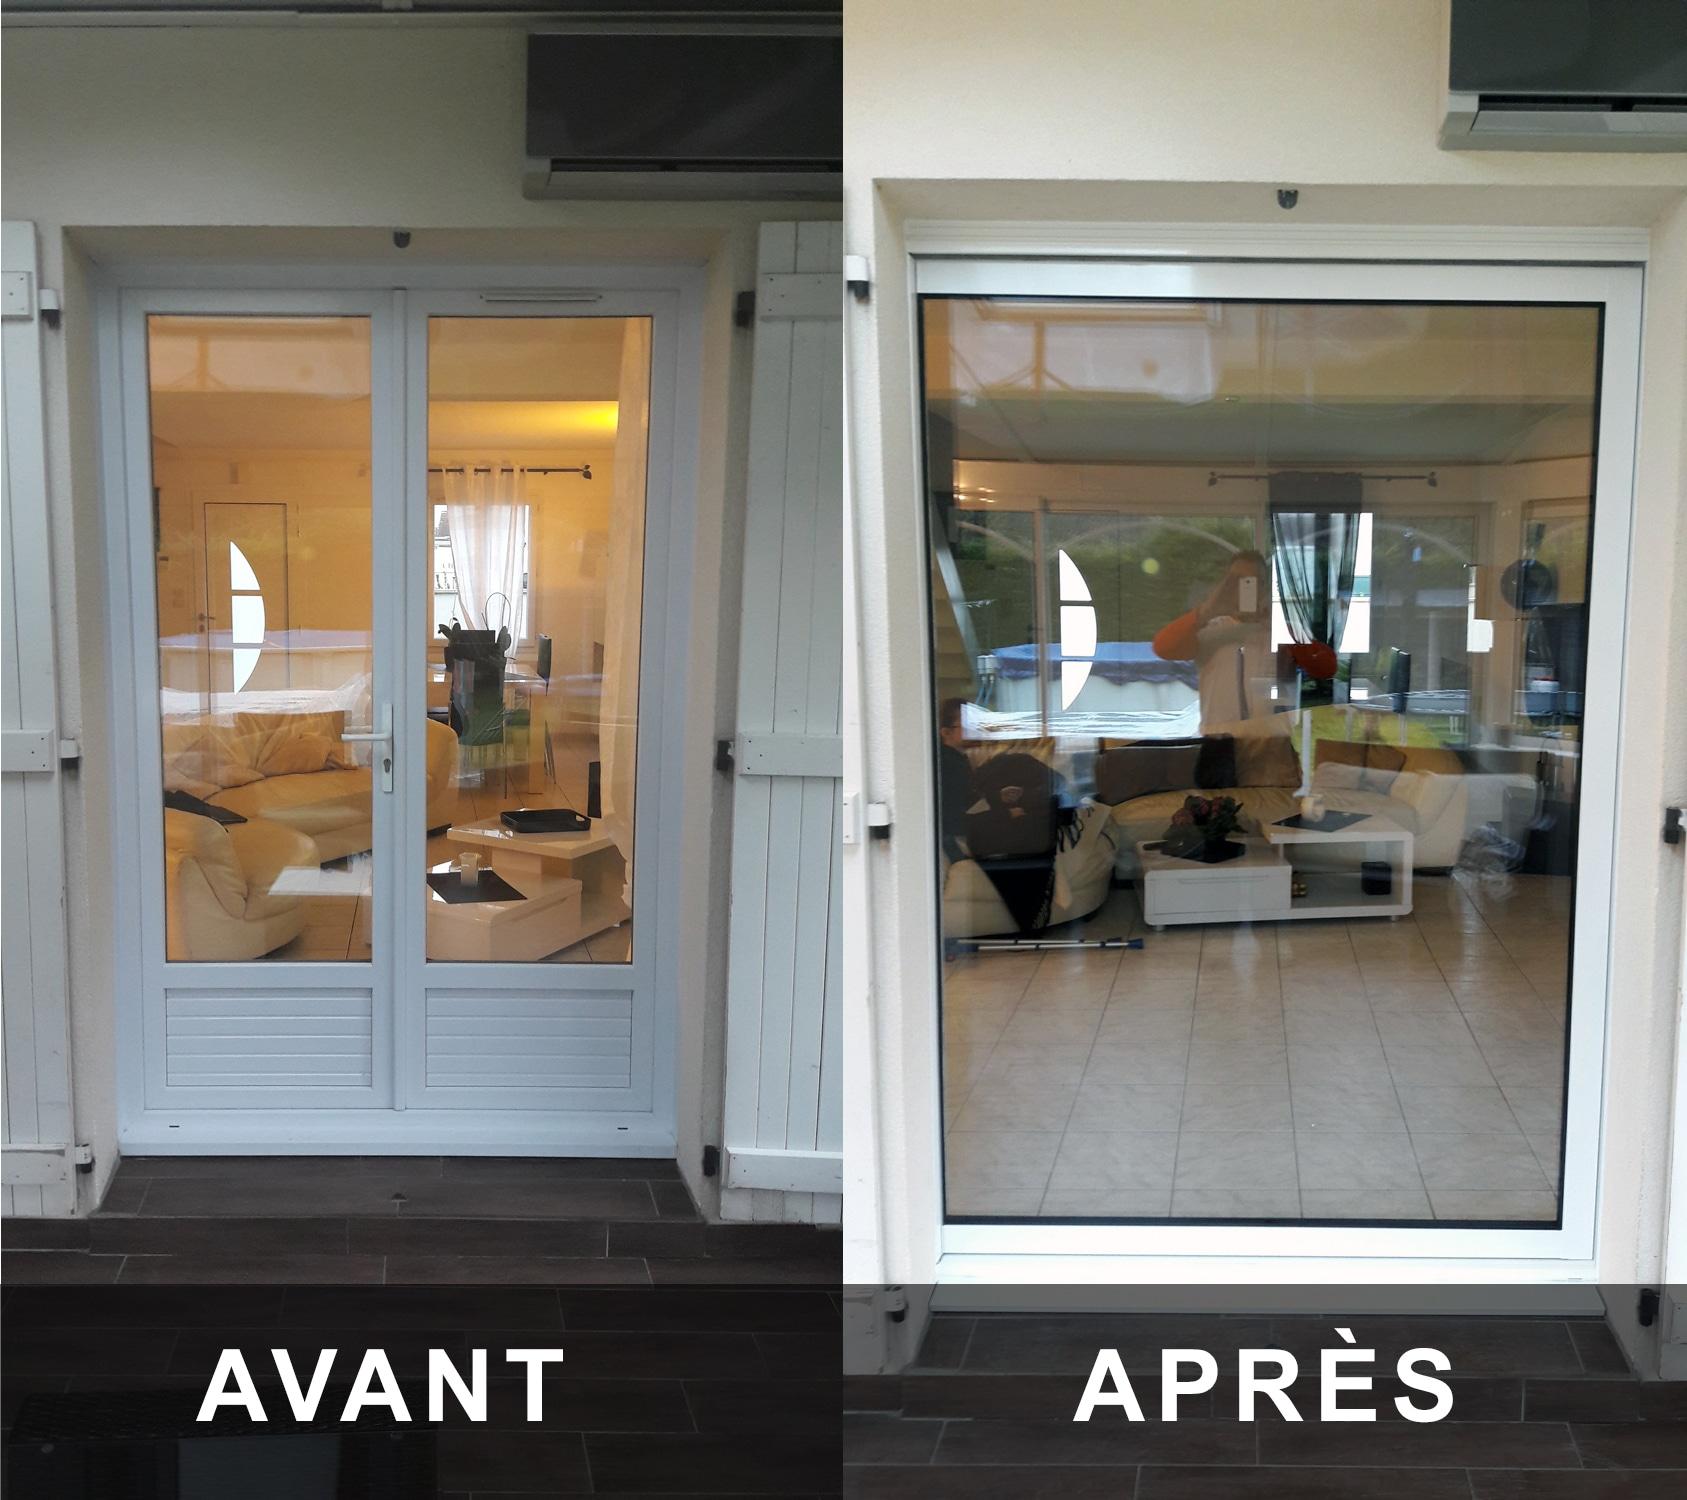 porte-fenetre-blanche-menuiserie-chevallier-freres-orleans-avant-apres-2